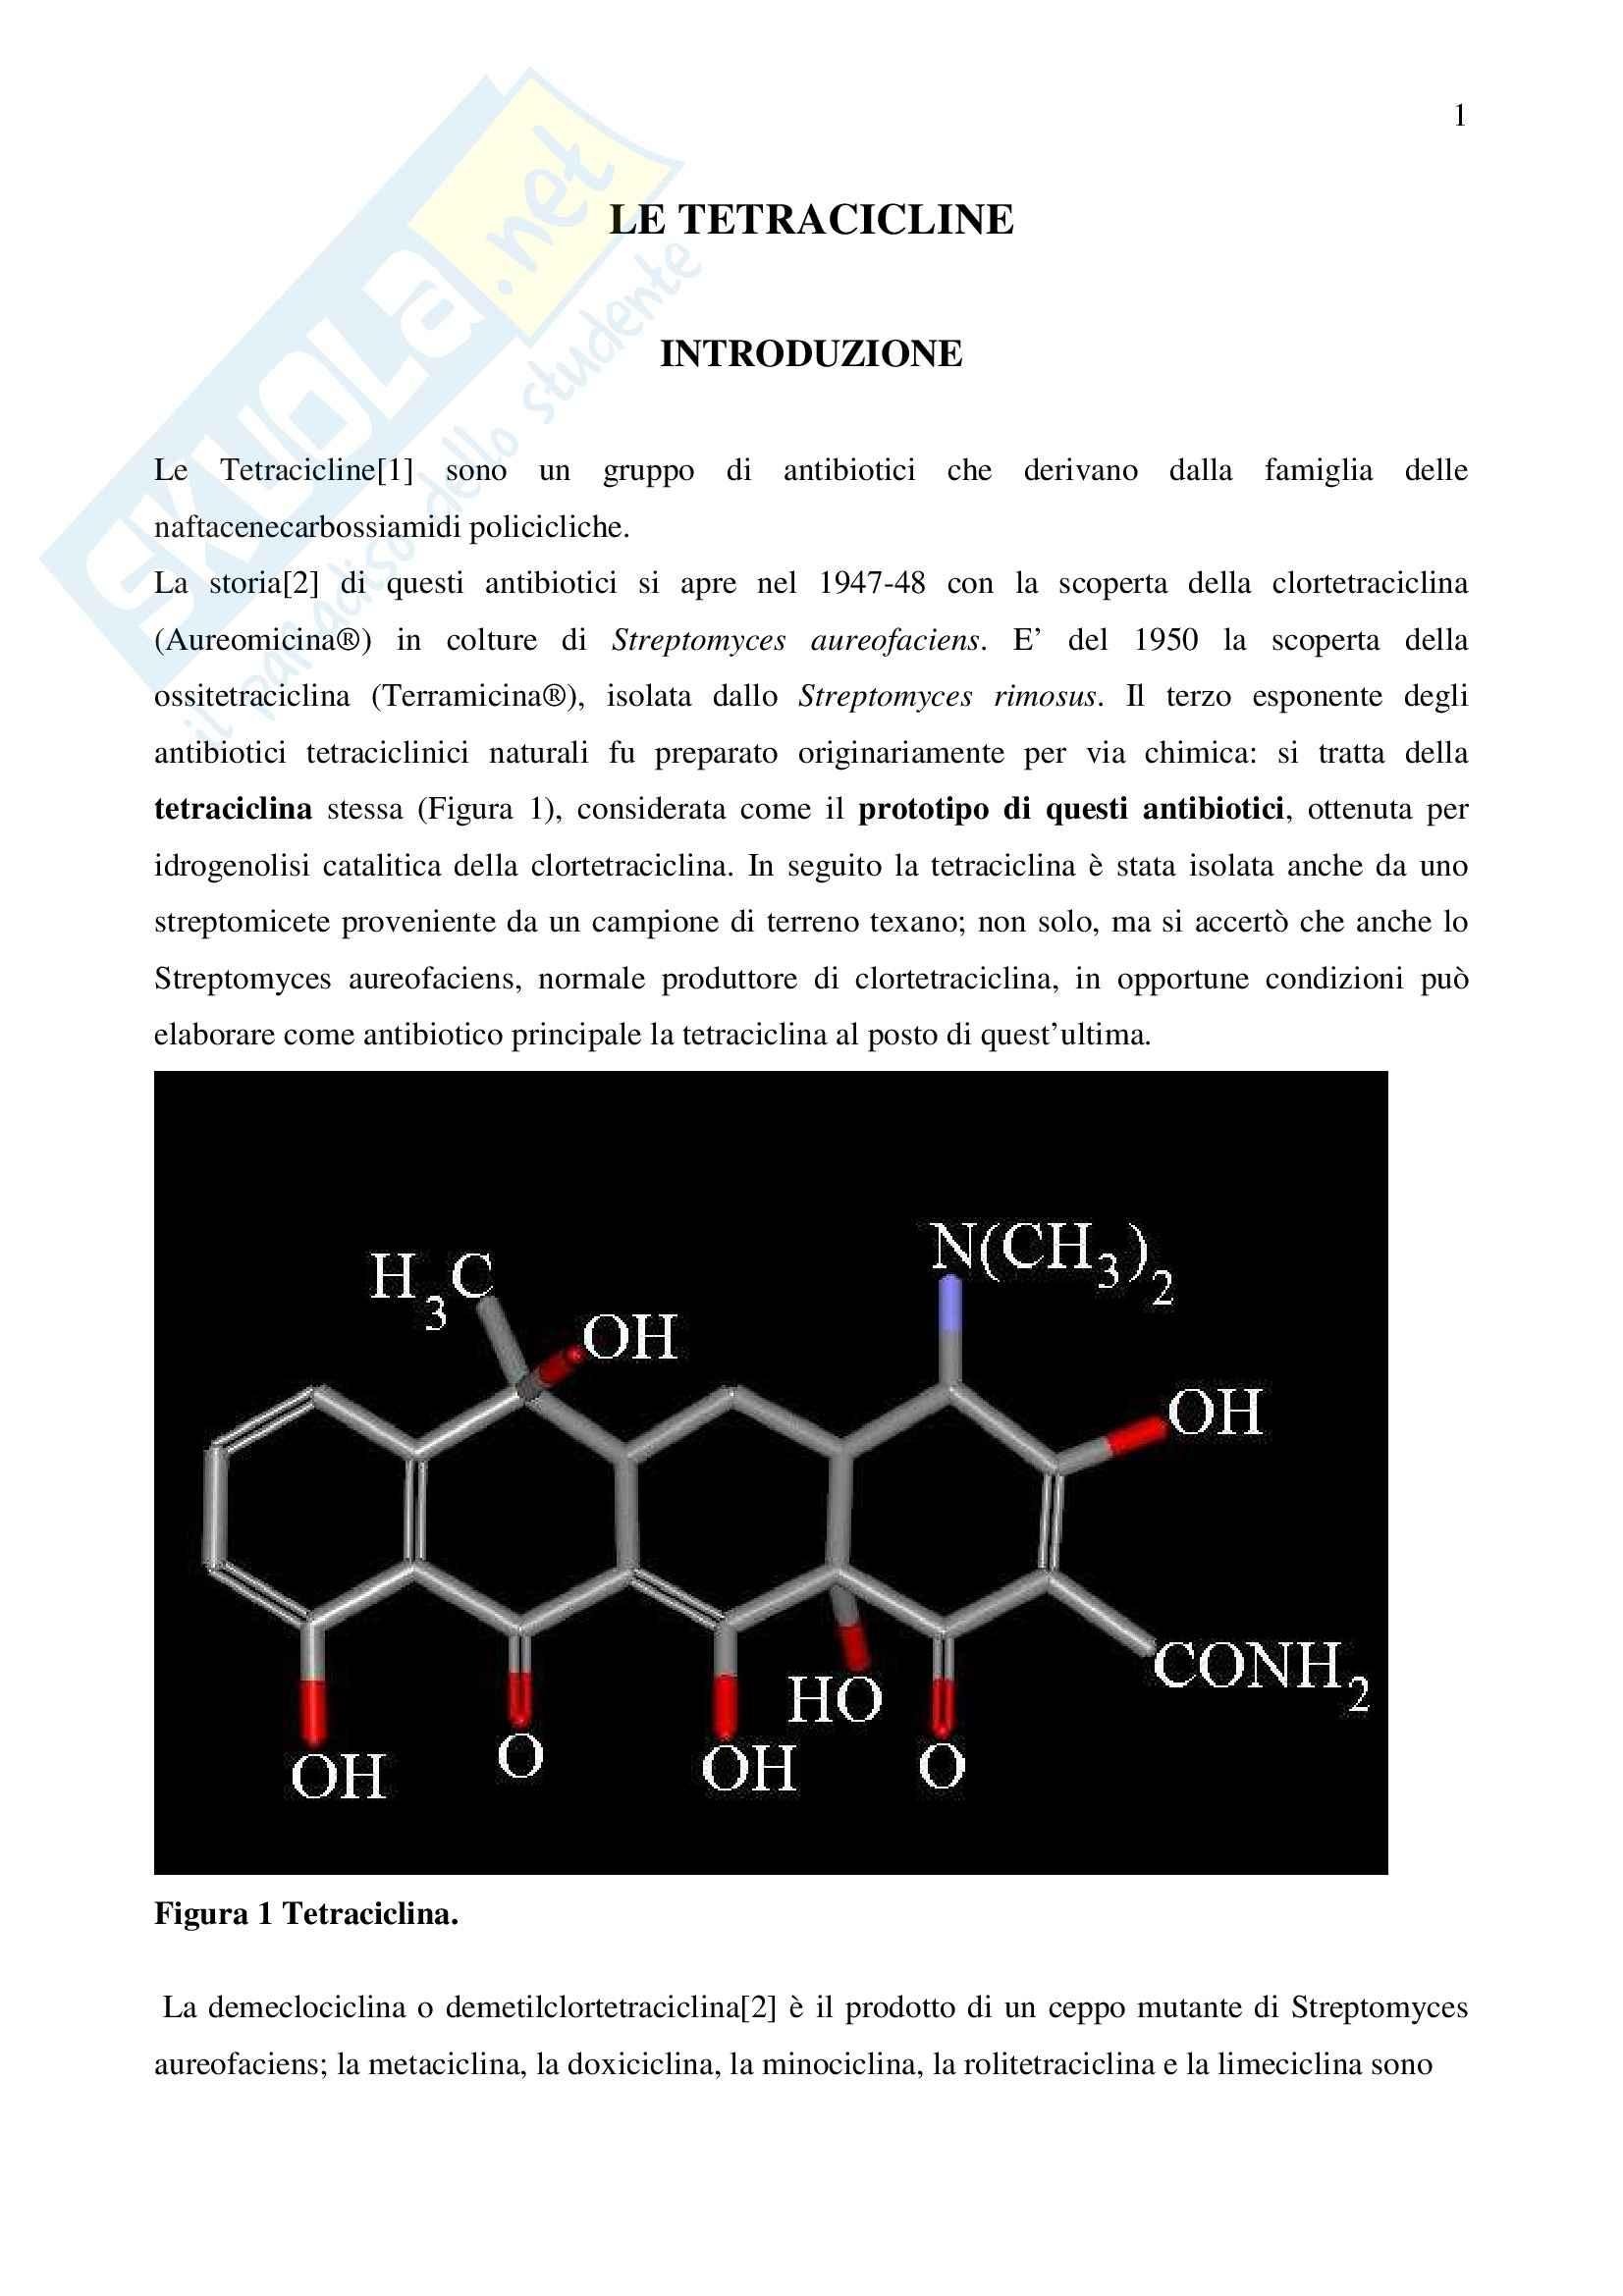 Chimica farmaceutica - tetracicline